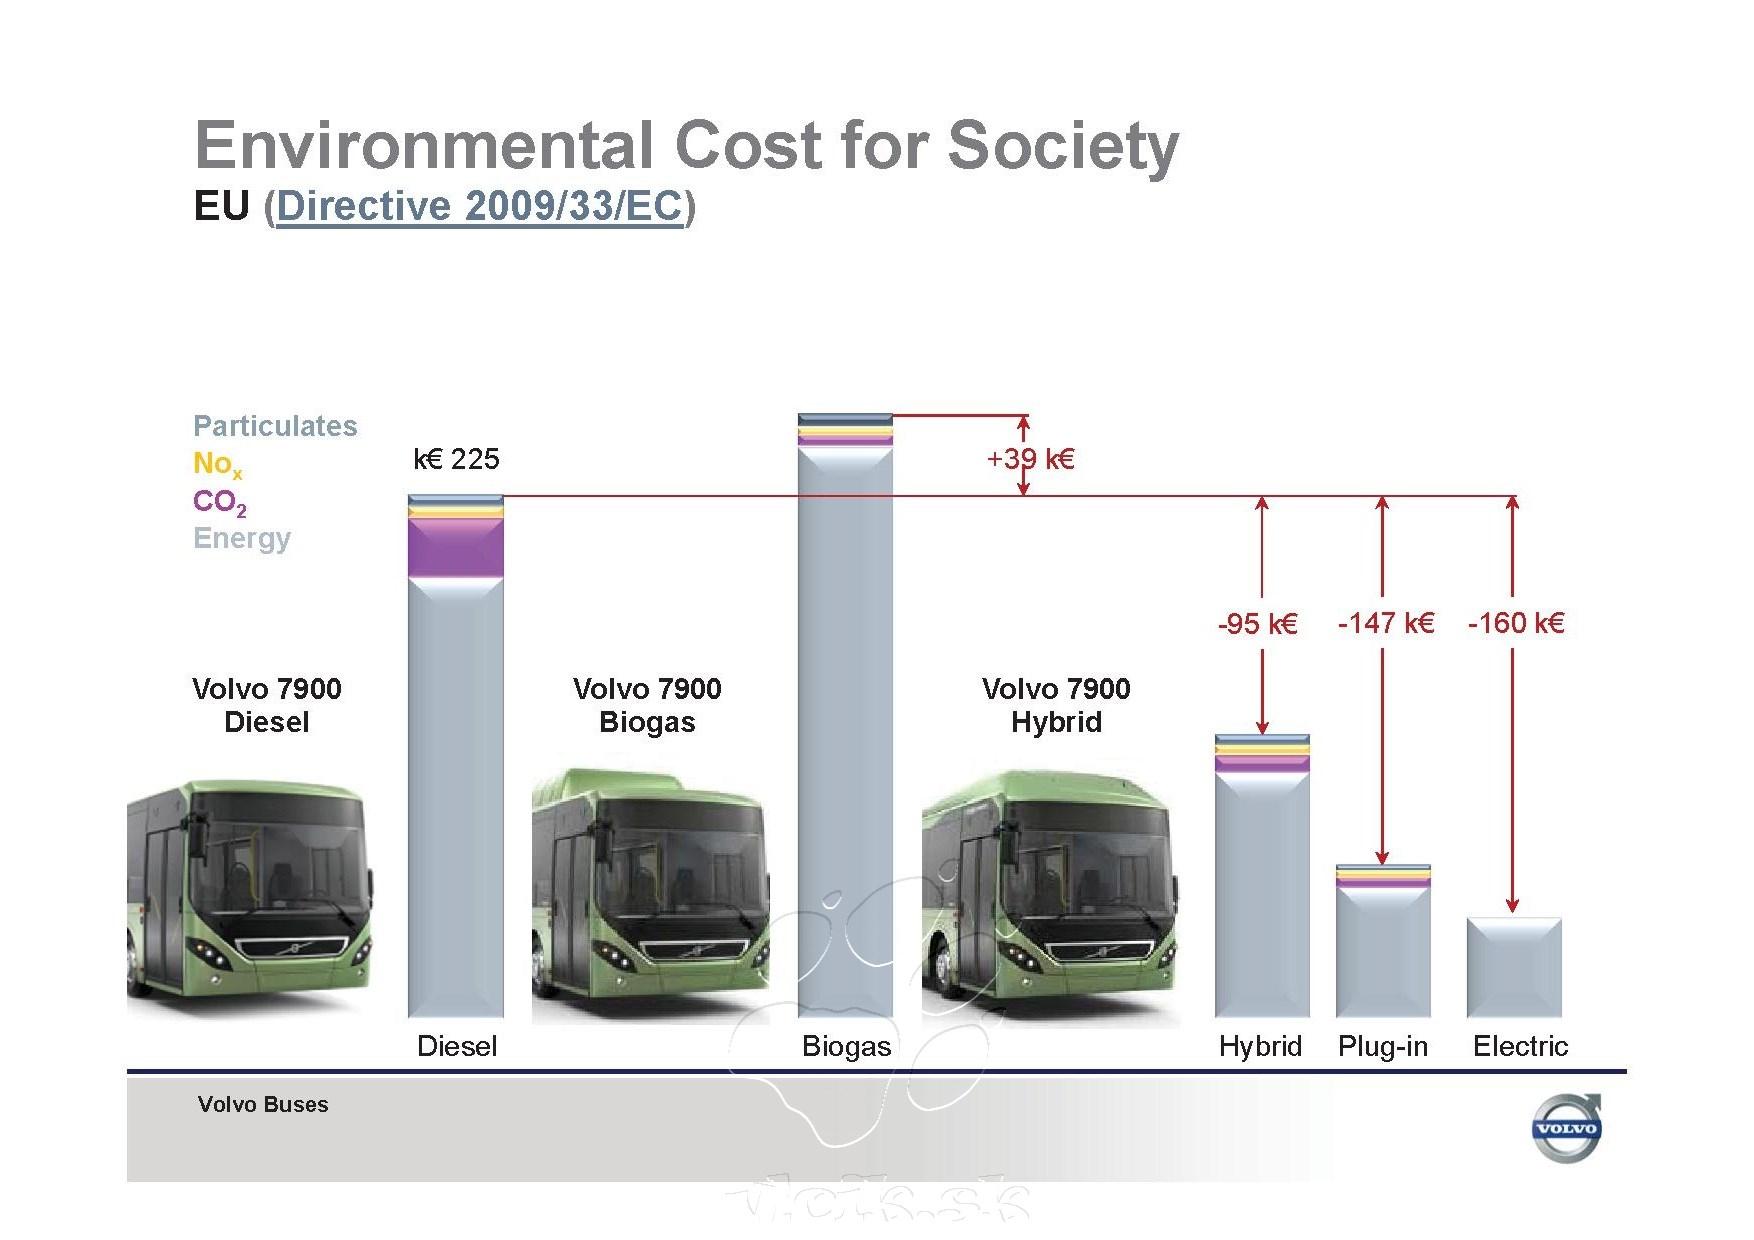 porovnanie nákladov na prevádzku rôznych pohonov autobusov podľa VOLVA